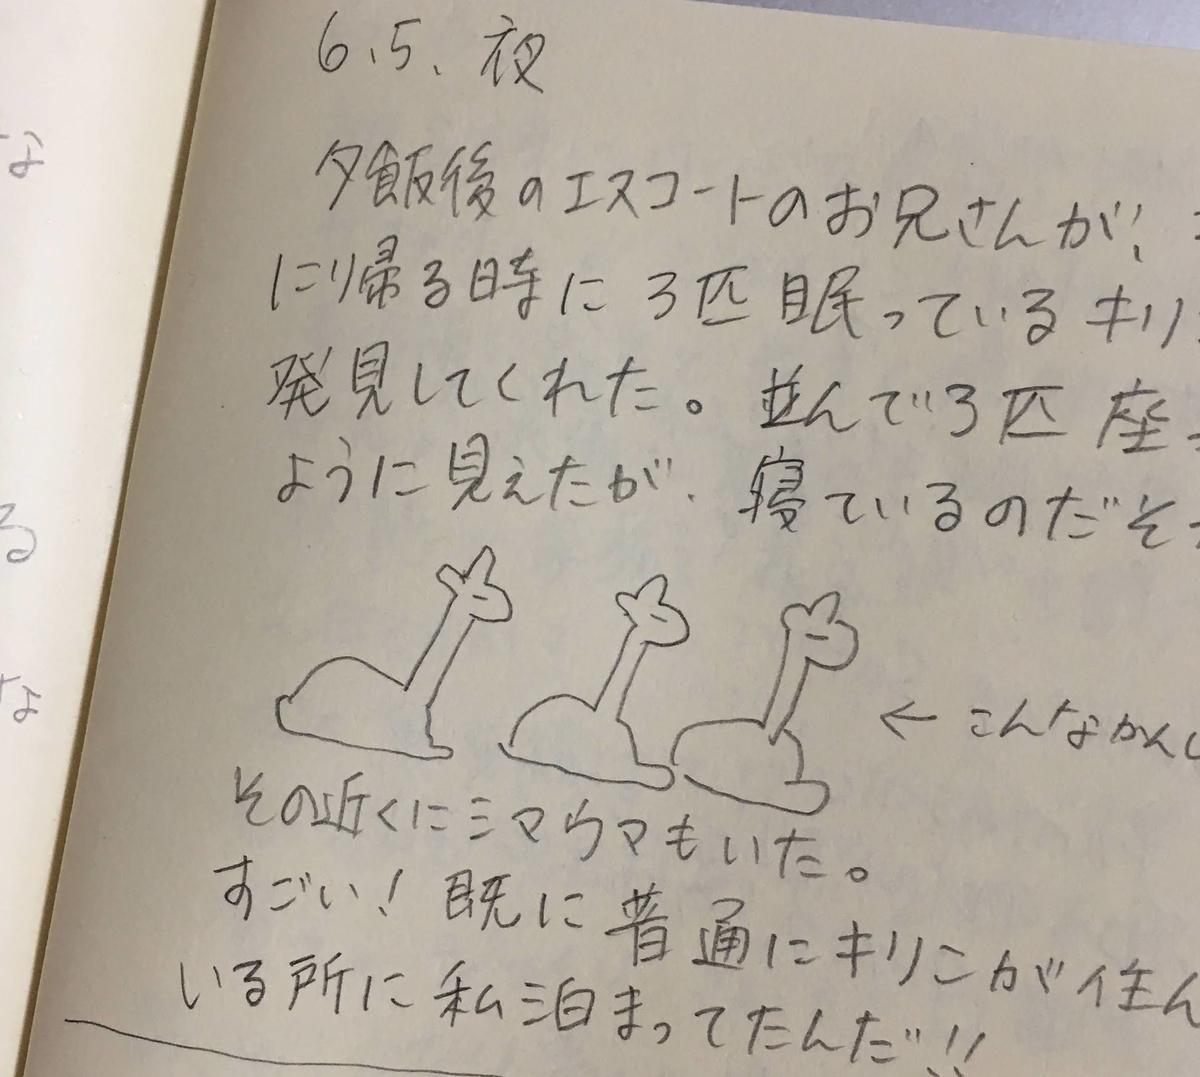 f:id:KirigirisuMax:20210307091306j:plain